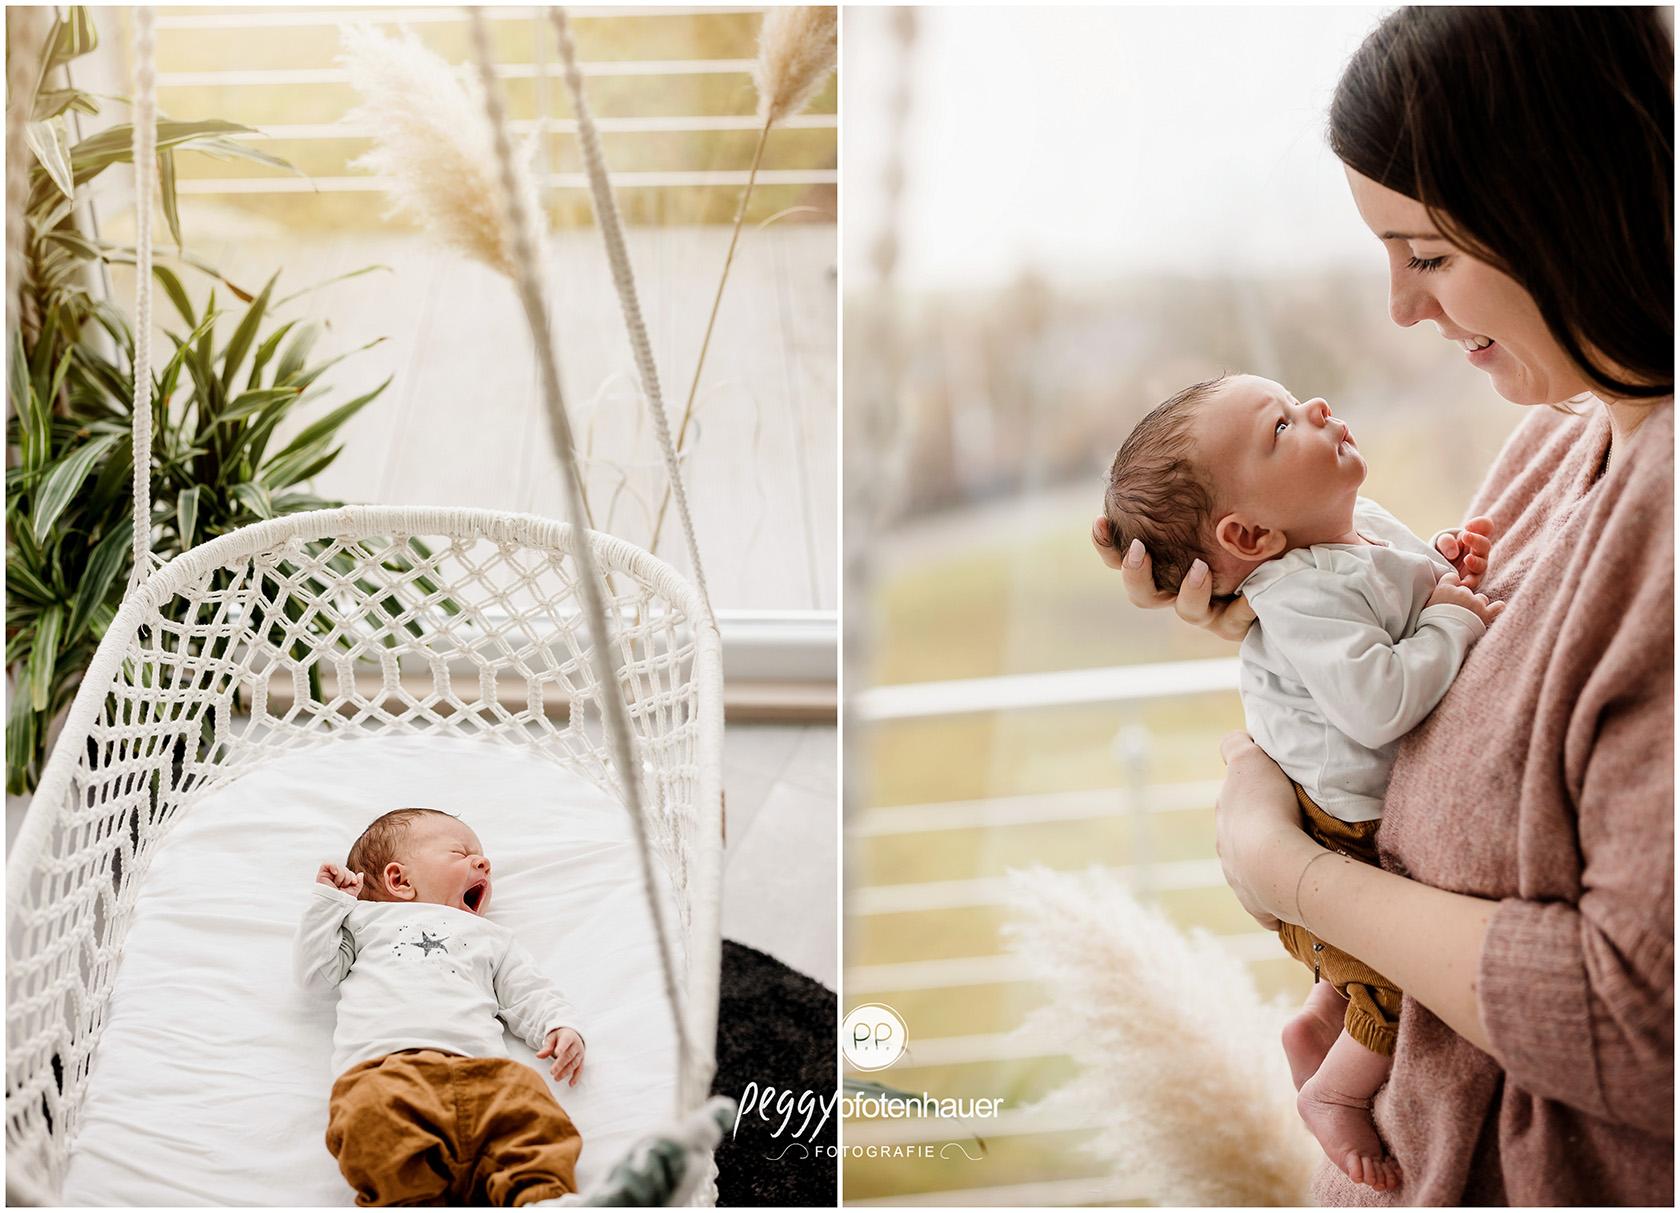 zeitlose Familienbilder zu Hause